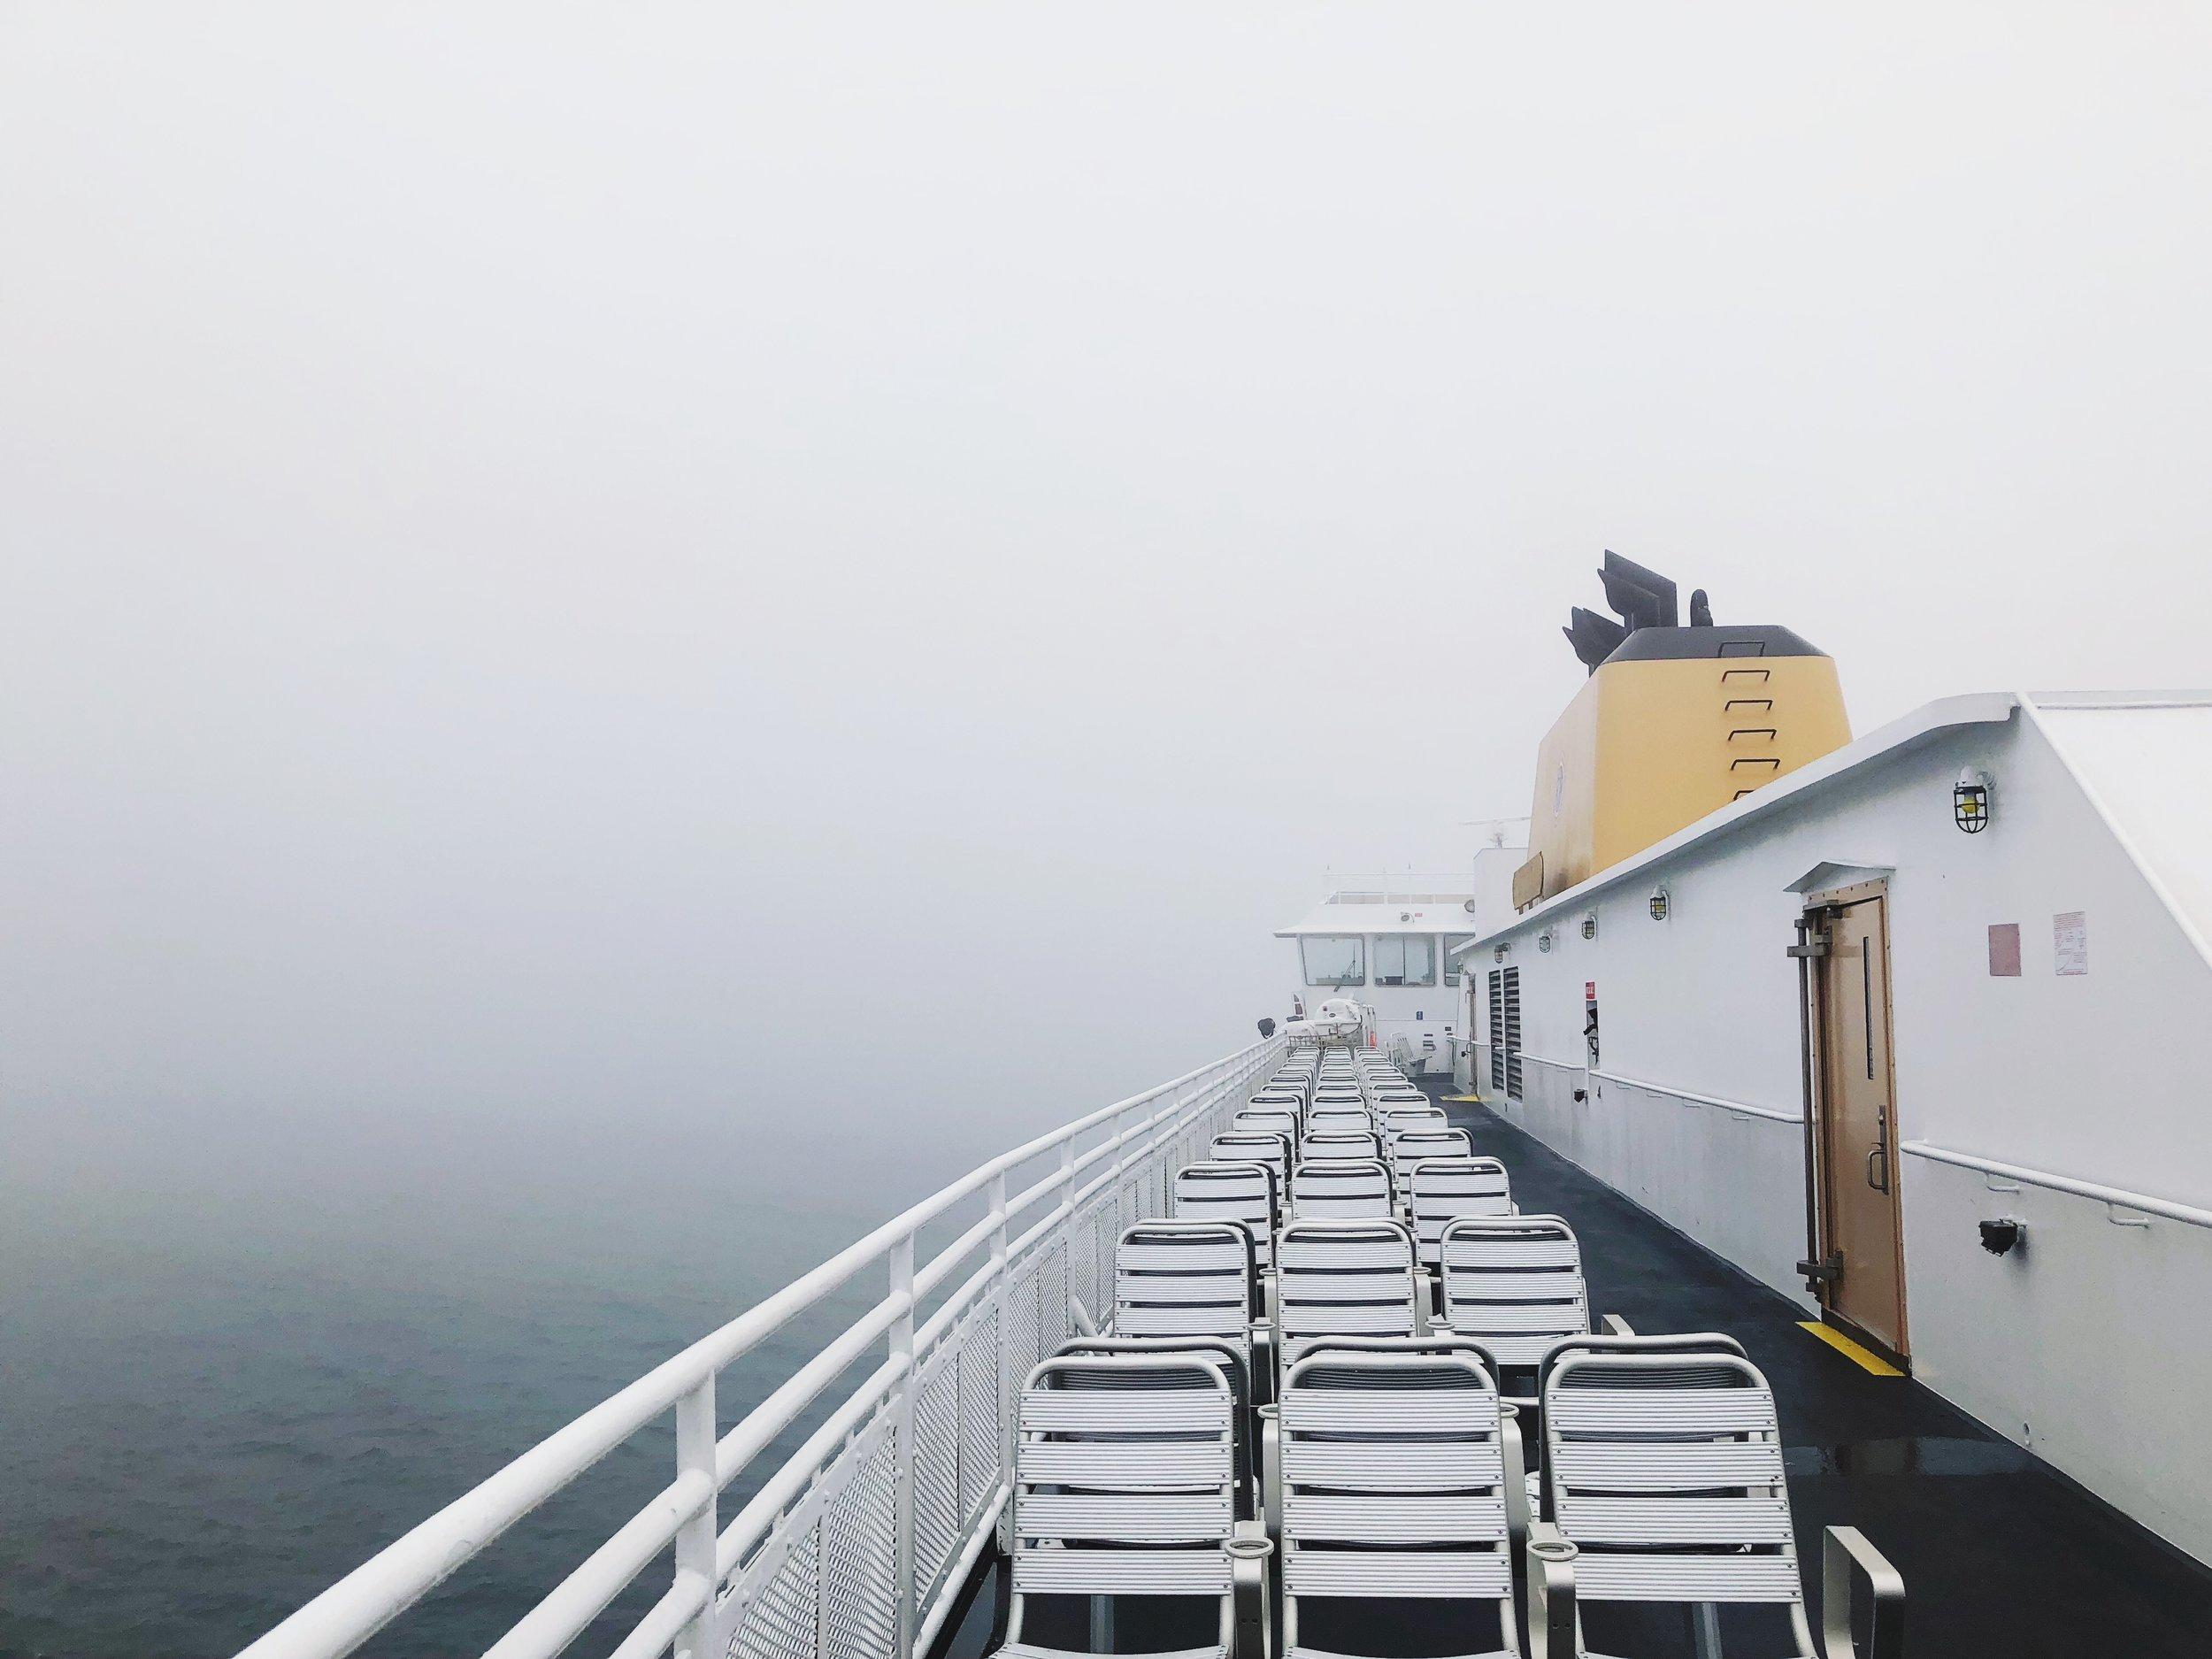 Steamship -